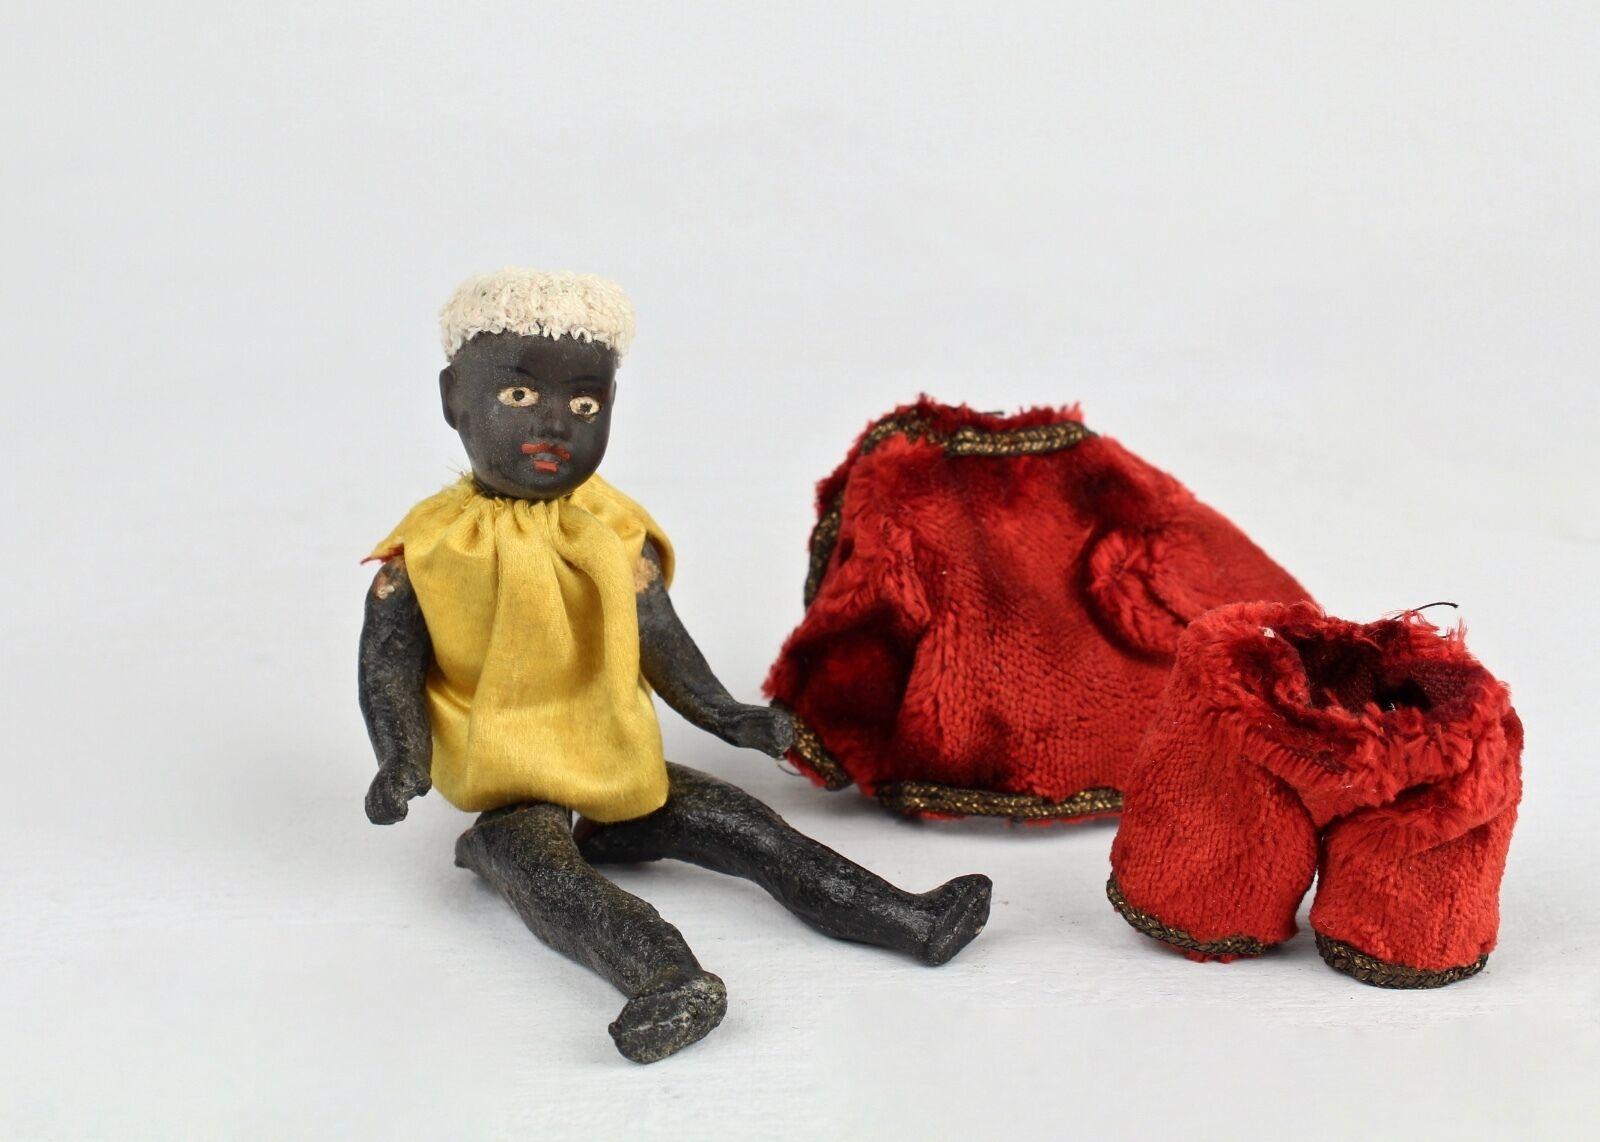 Antiguo Pequeño Gebruder Kuhnlenz Negro cabeza de Biscuit muñeca 34-12 - ropa vieja VR